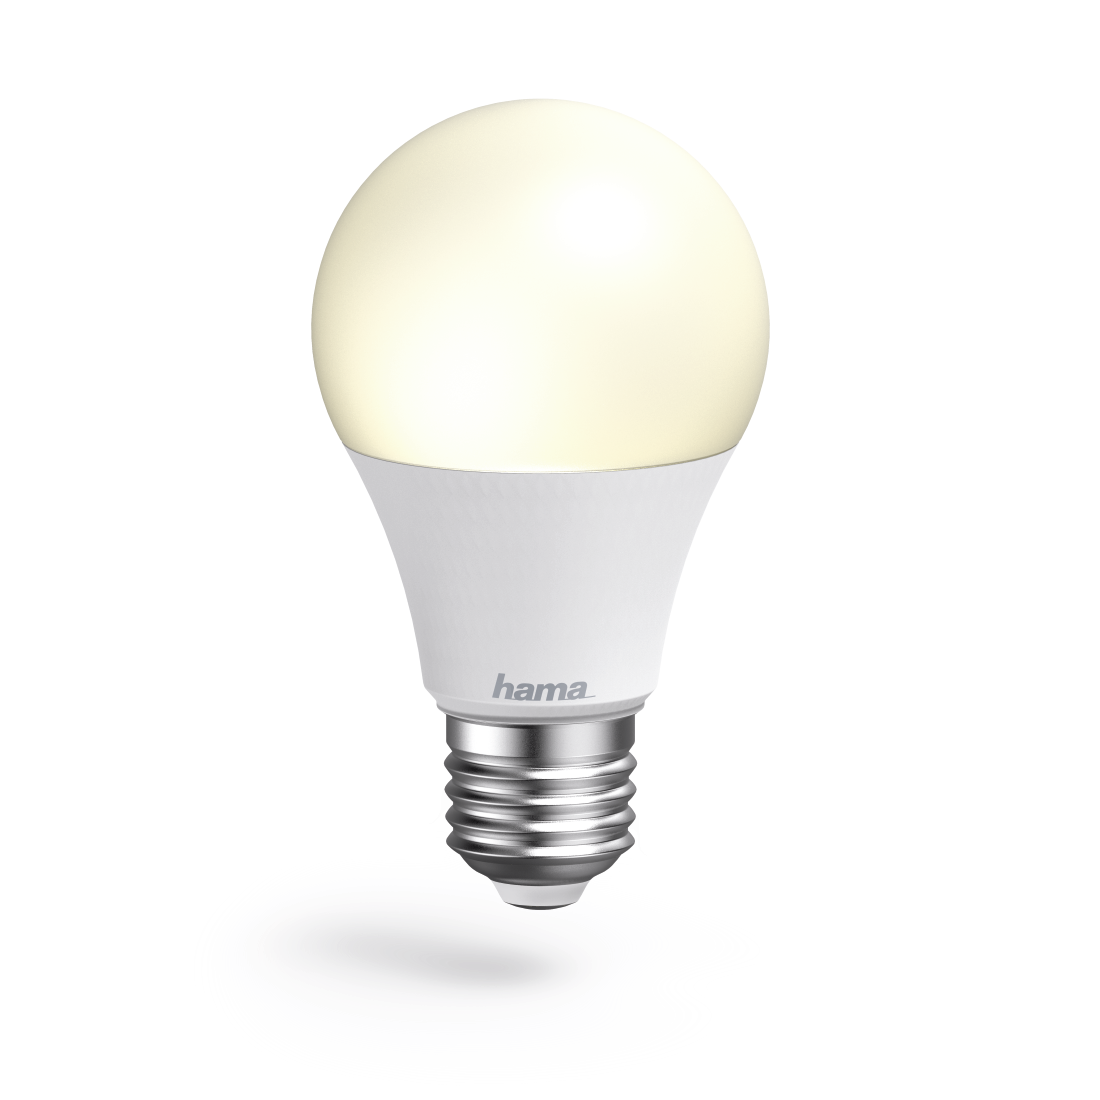 00176531 hama wifi led lampe e27 10w rgb dimmbar hama de. Black Bedroom Furniture Sets. Home Design Ideas